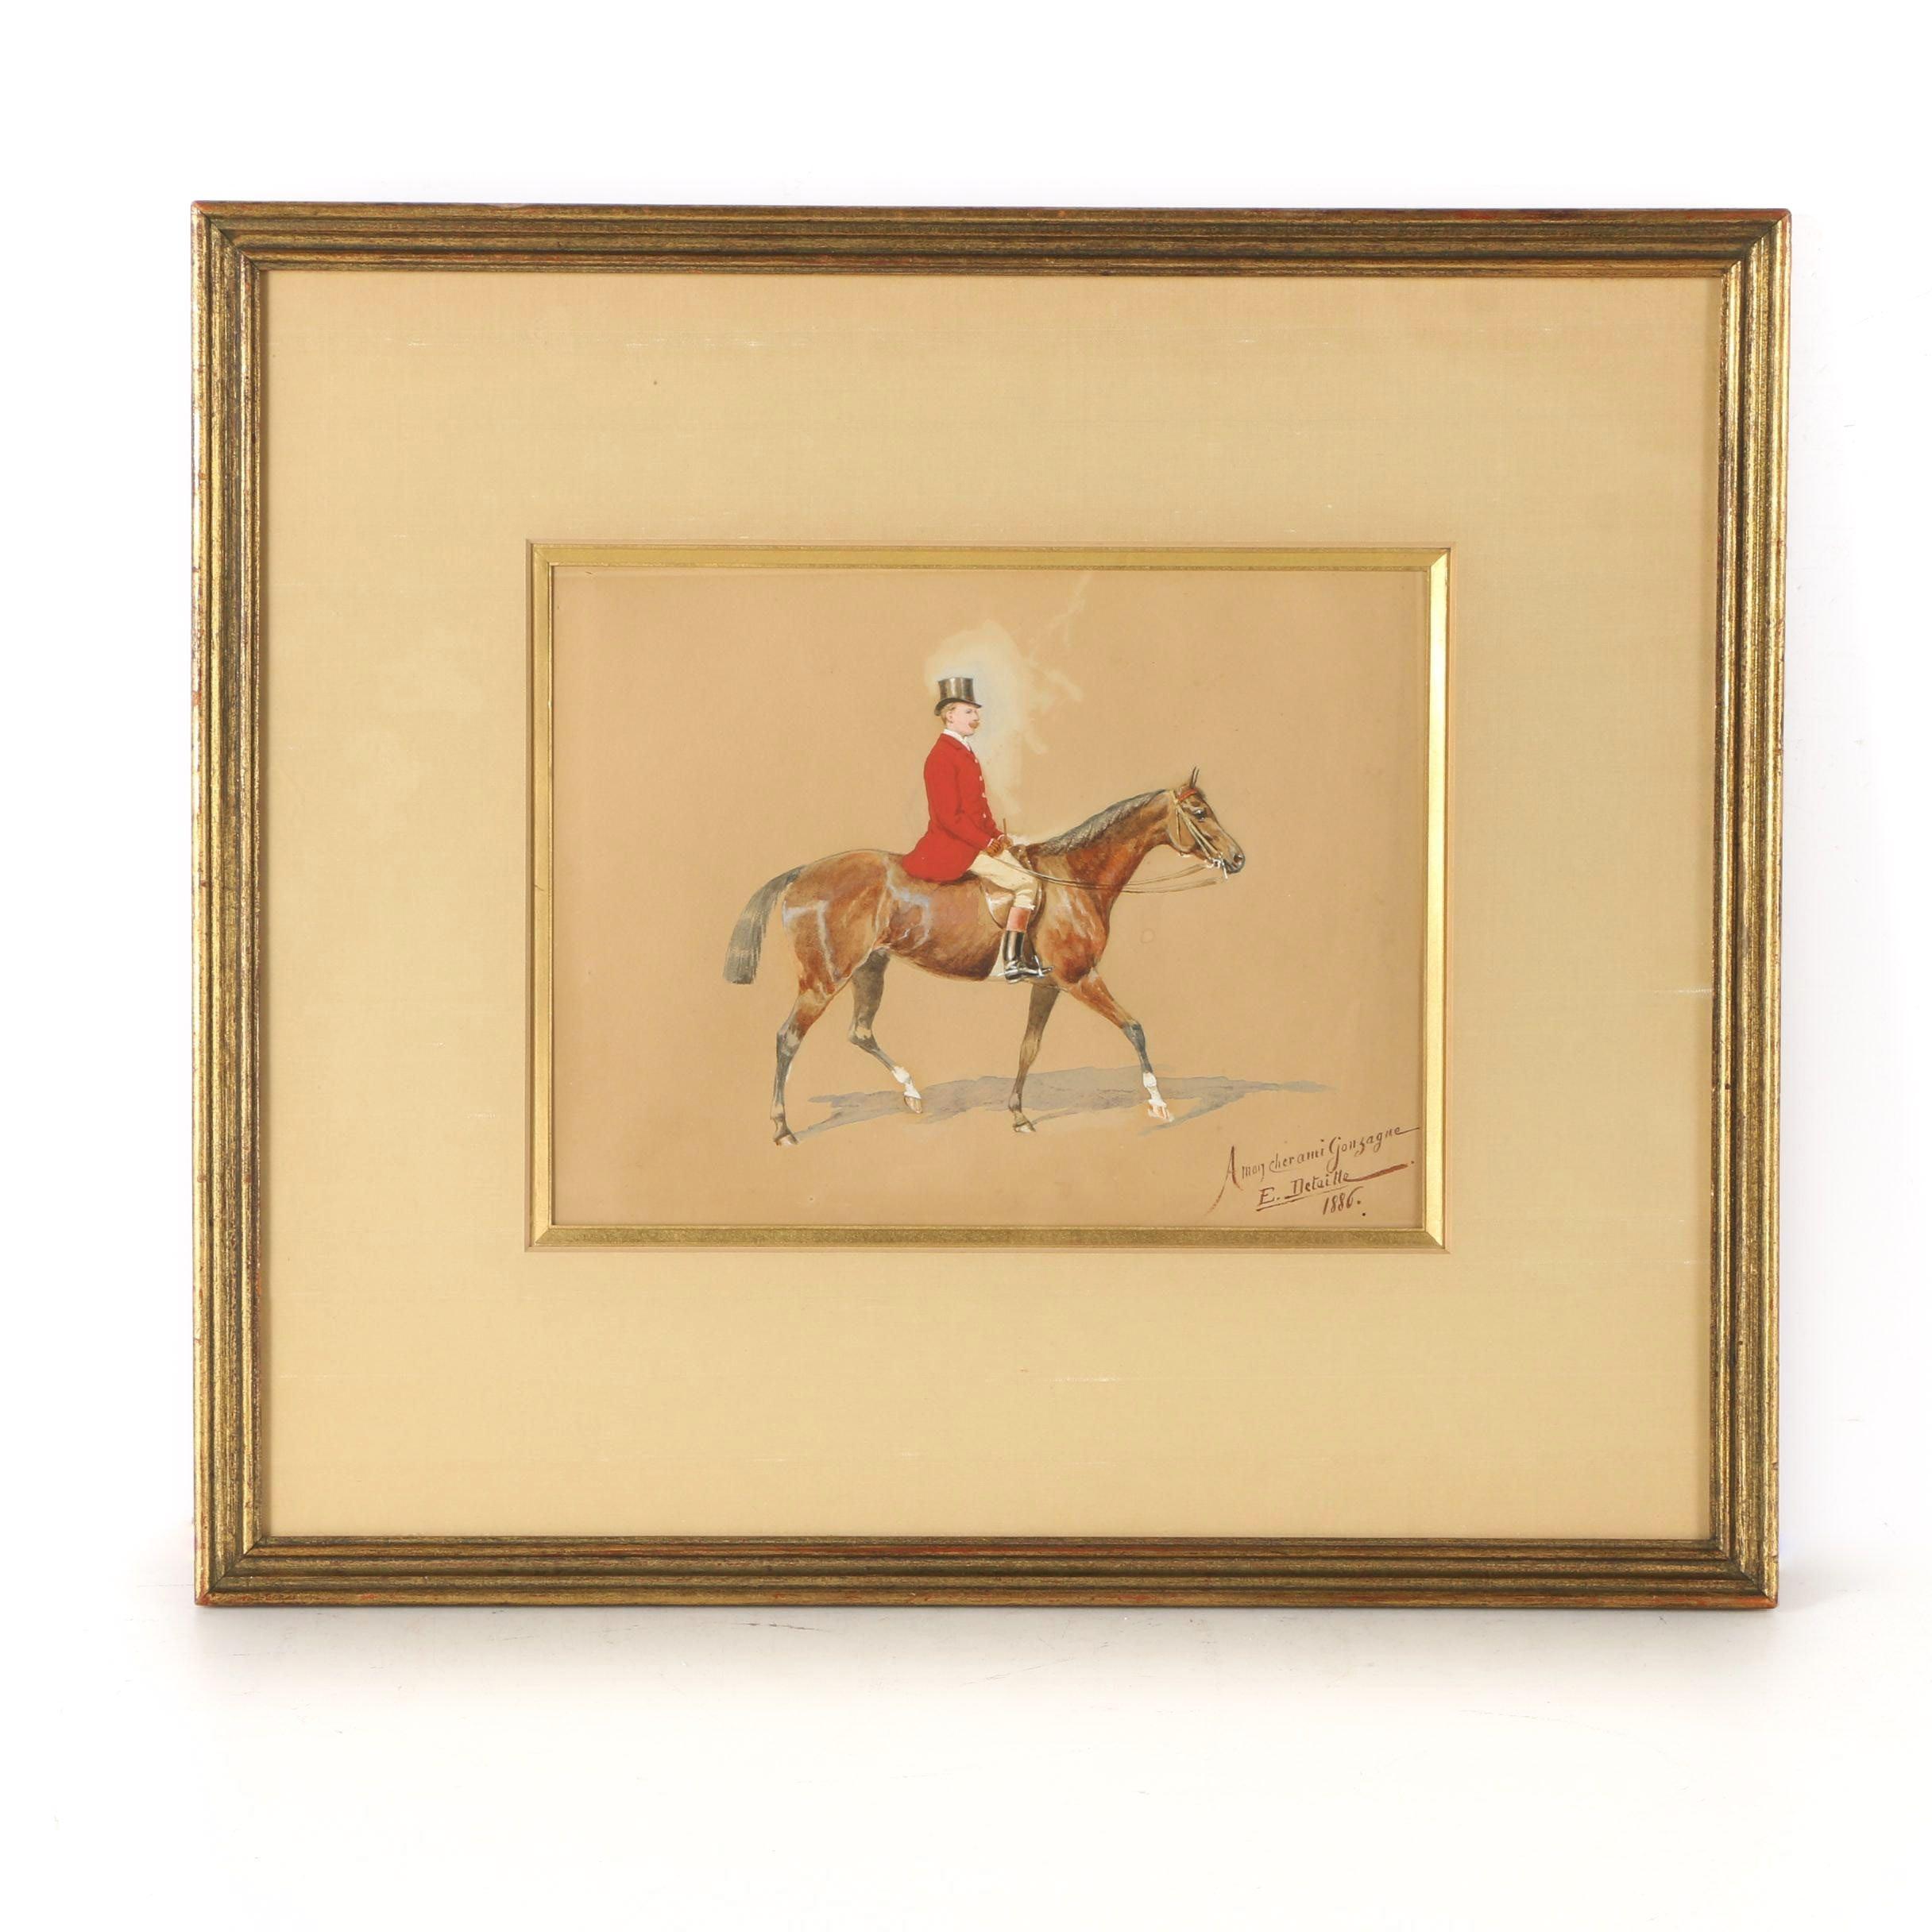 1886 Jean-Baptiste Édouard Detaille Watercolor and Gouache Equestrian Portrait